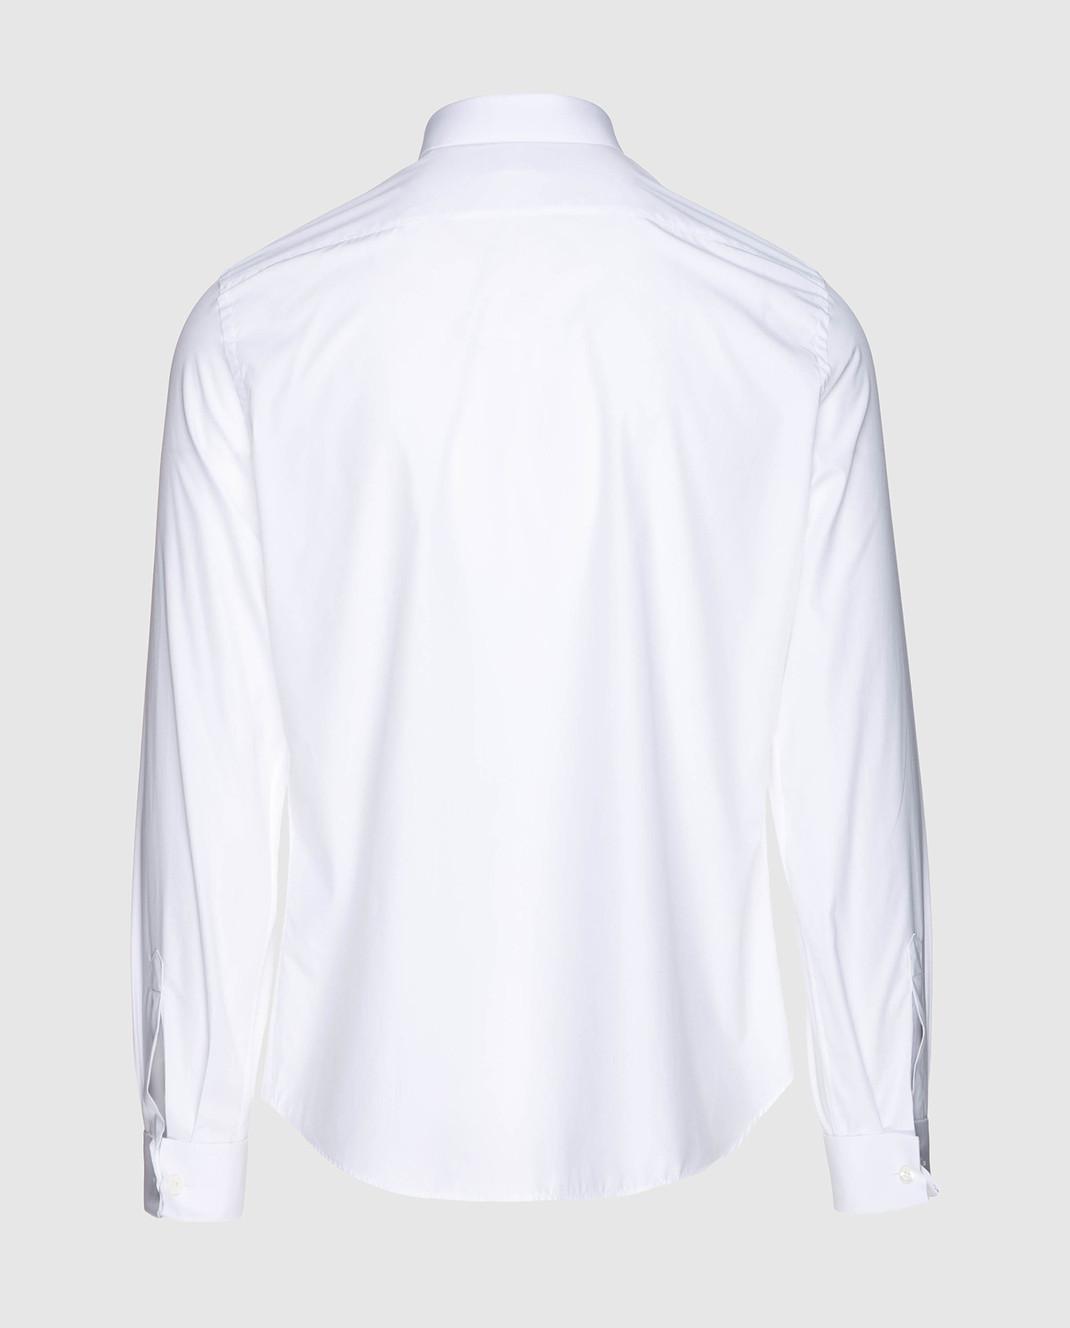 Prada Белая рубашка UCN158 изображение 2